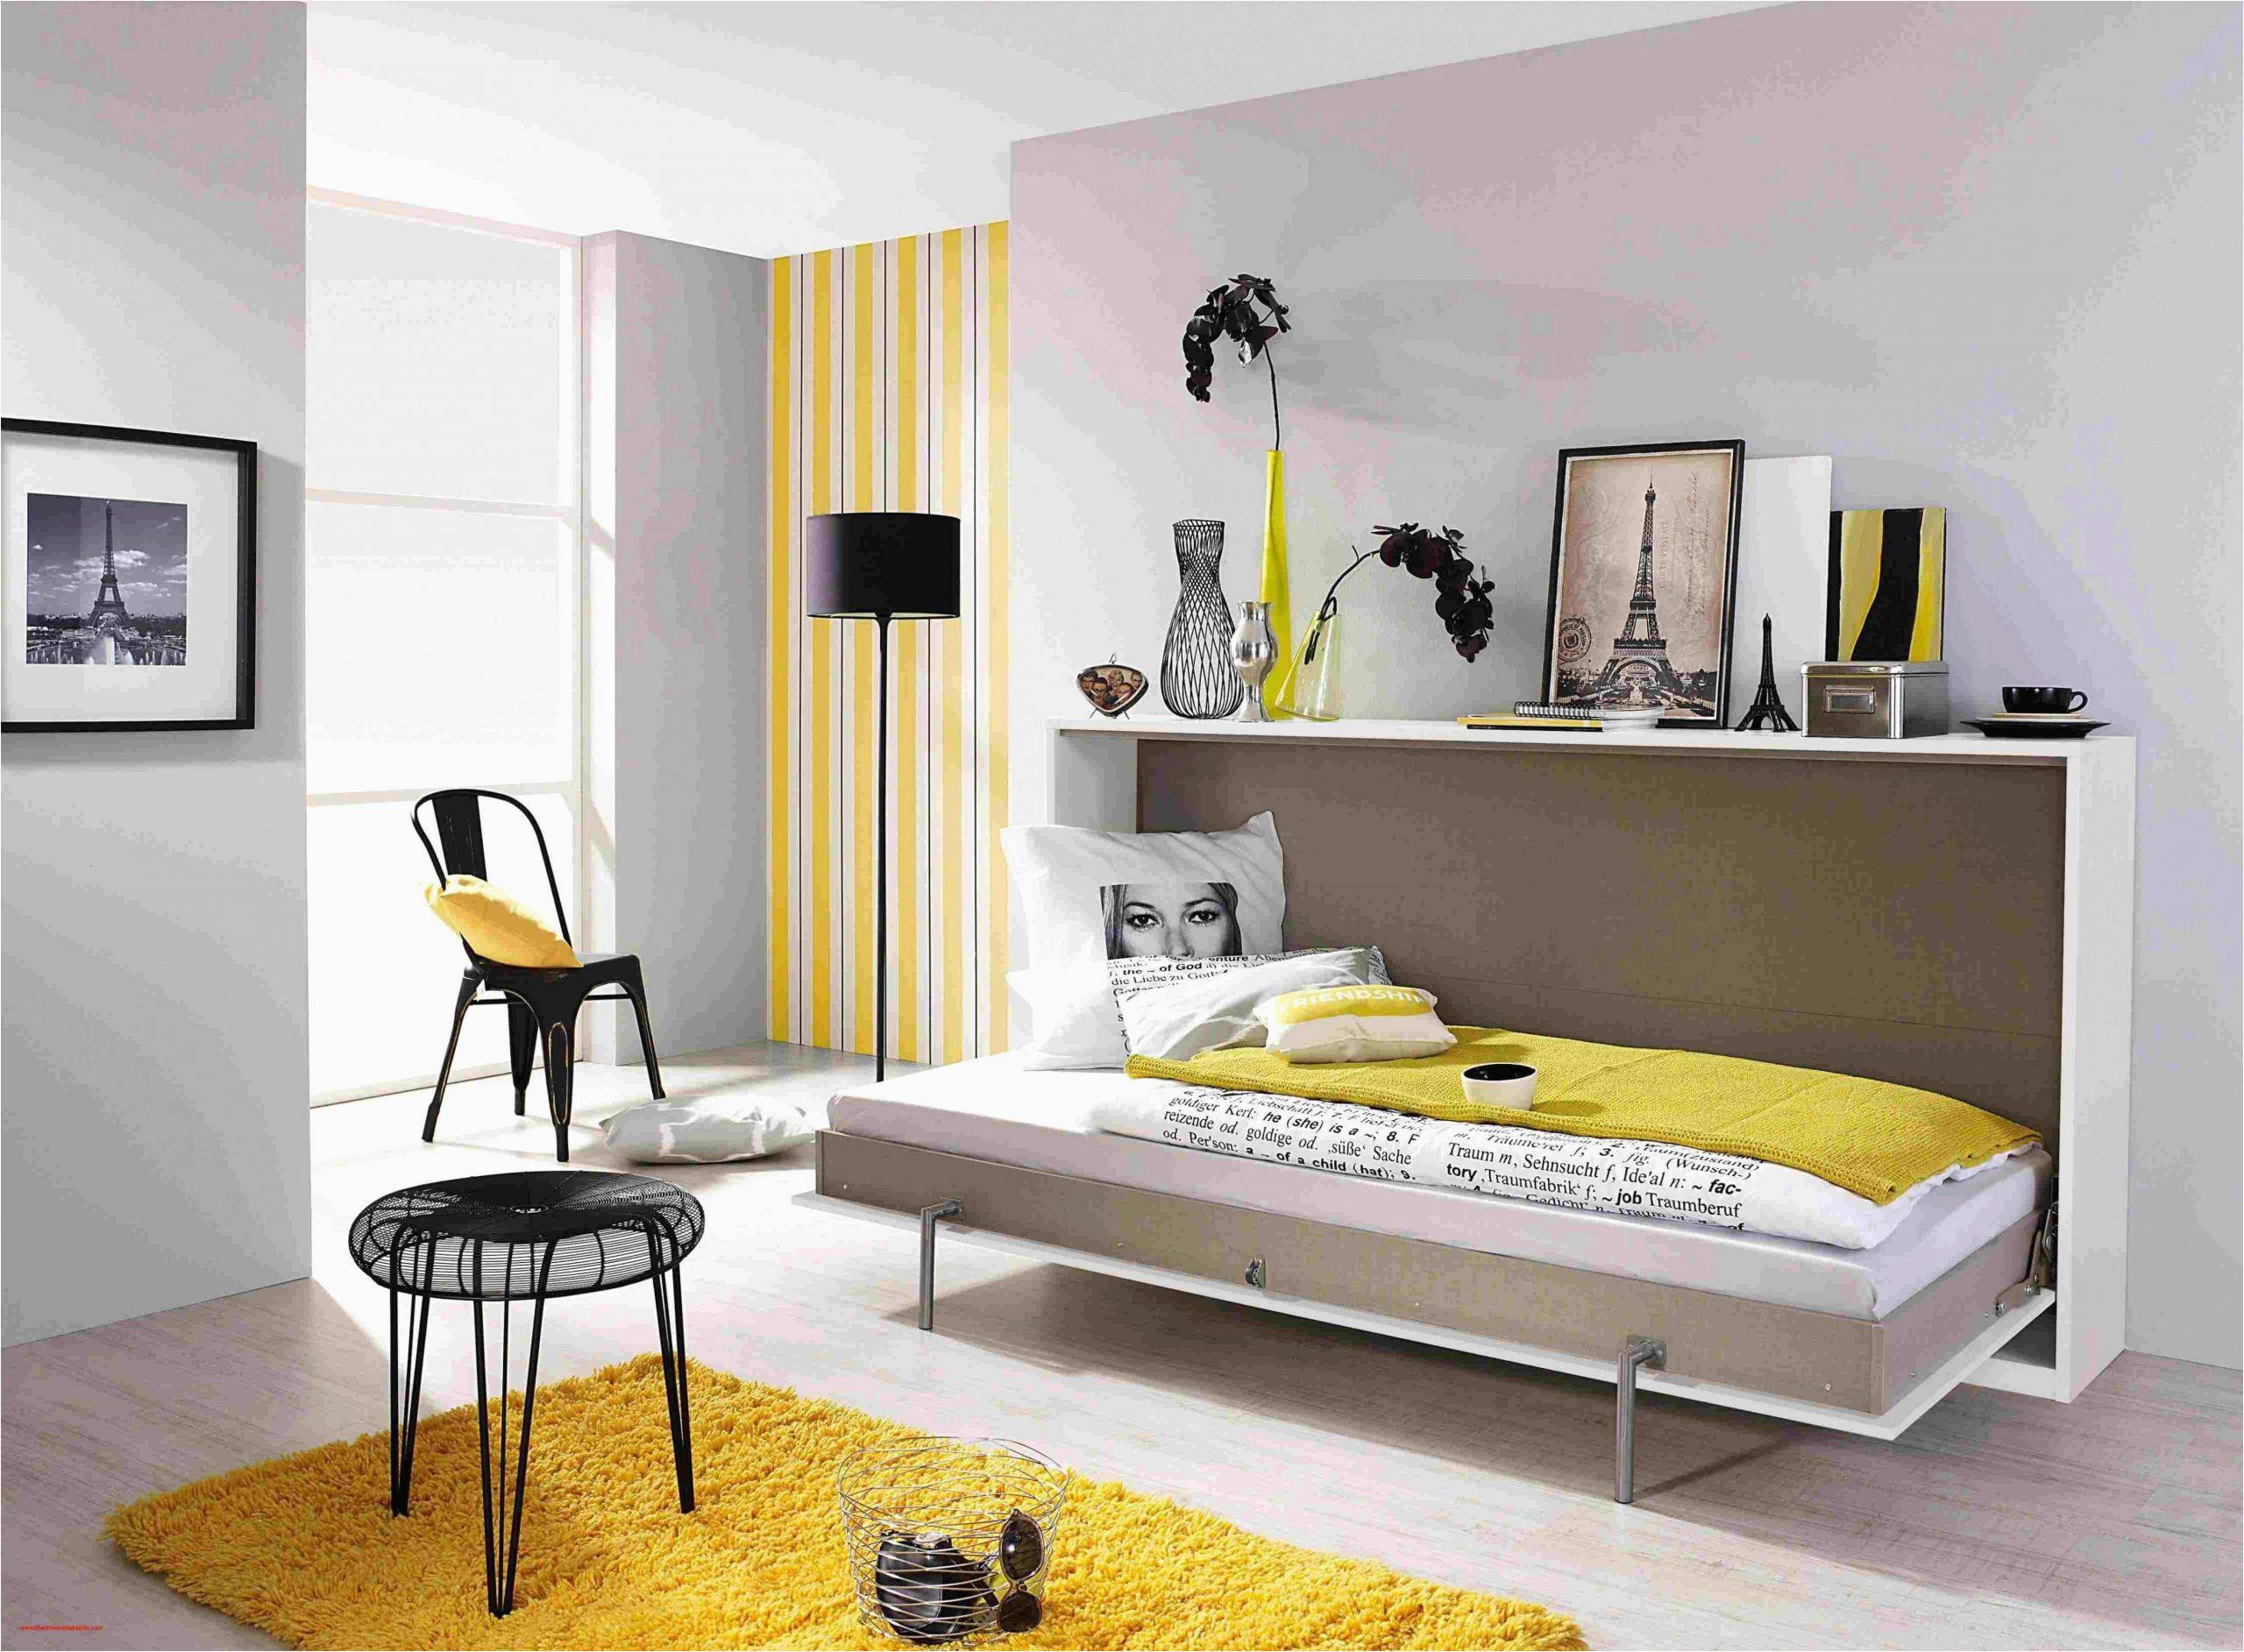 ikea mobel wohnzimmer schon mobel wohnzimmer modern neu 35 moderne landscape tv mobel of ikea mobel wohnzimmer 1 scaled